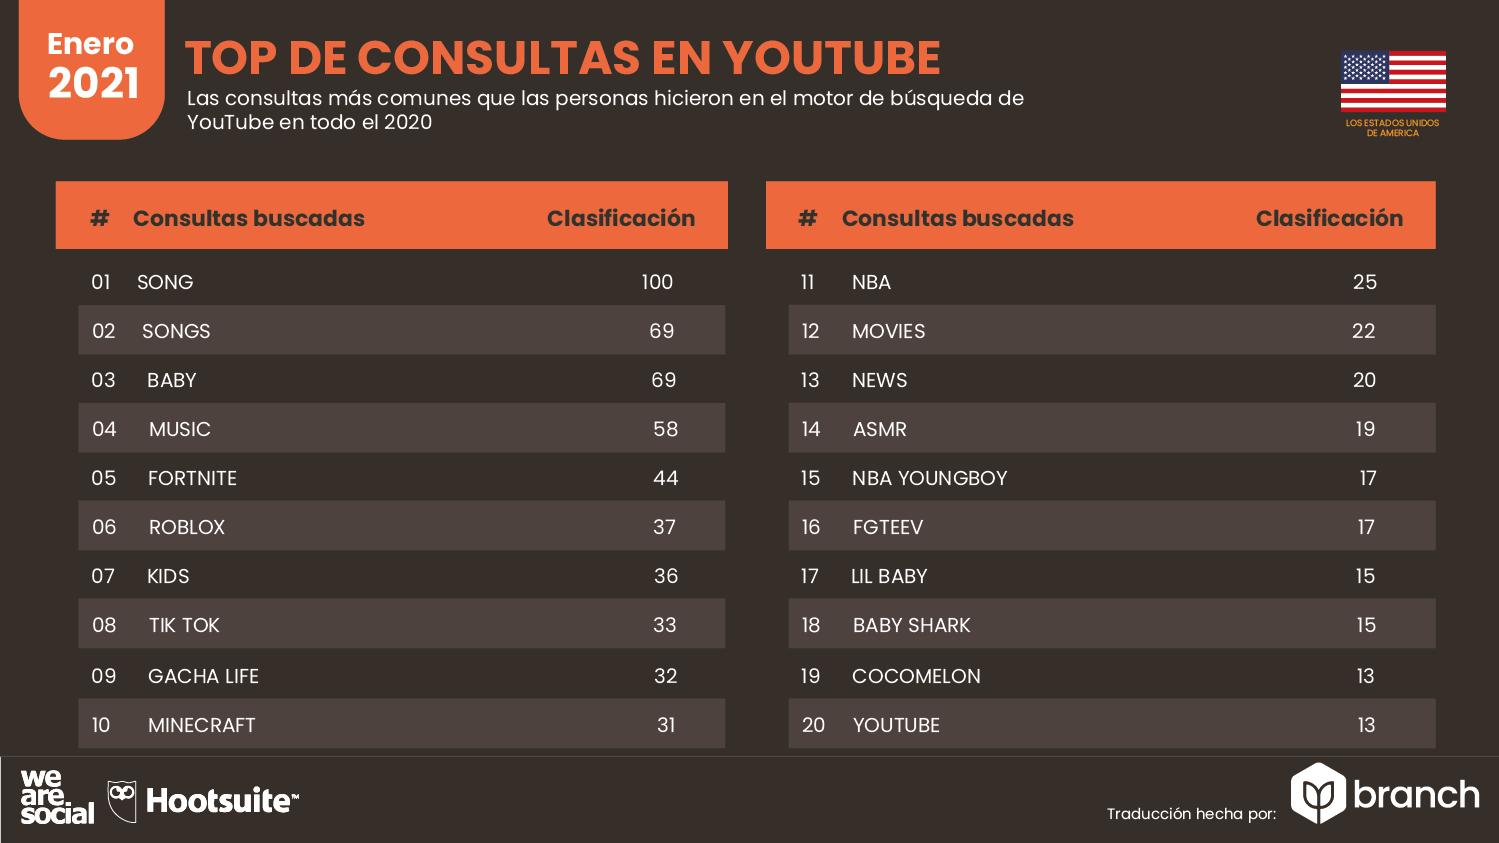 top-de-consultas-en-youtube-usa-2020-2021